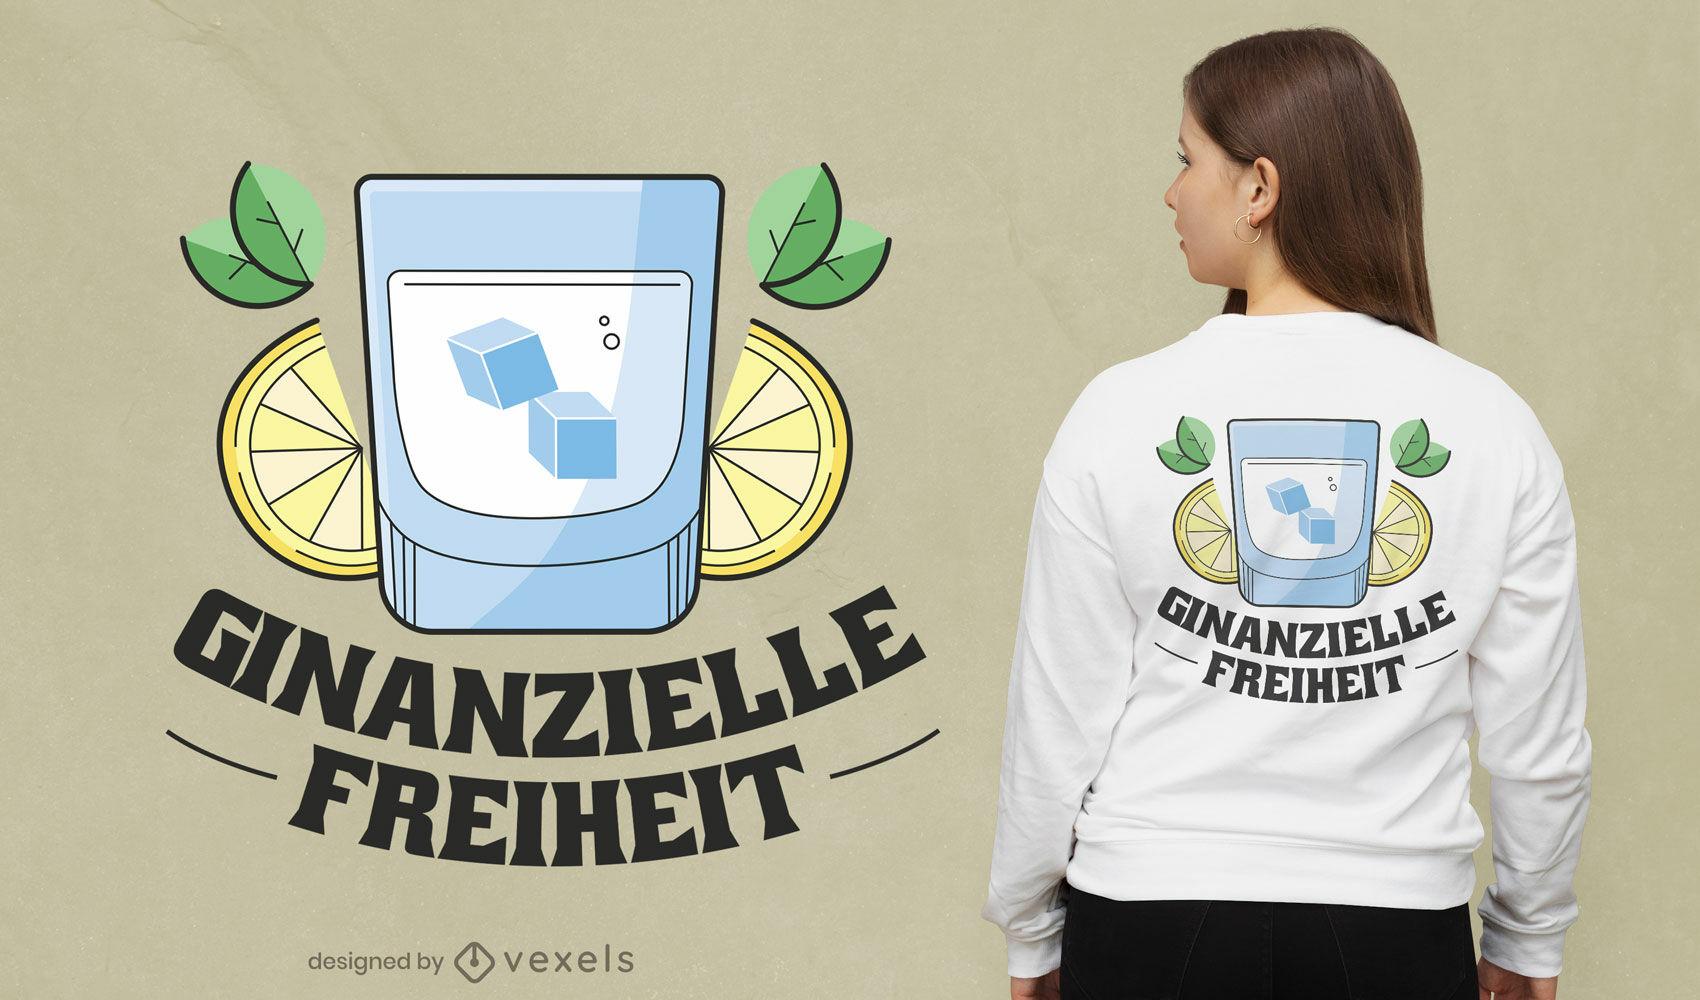 Genial diseño de camiseta de Ginanzielle freiheit